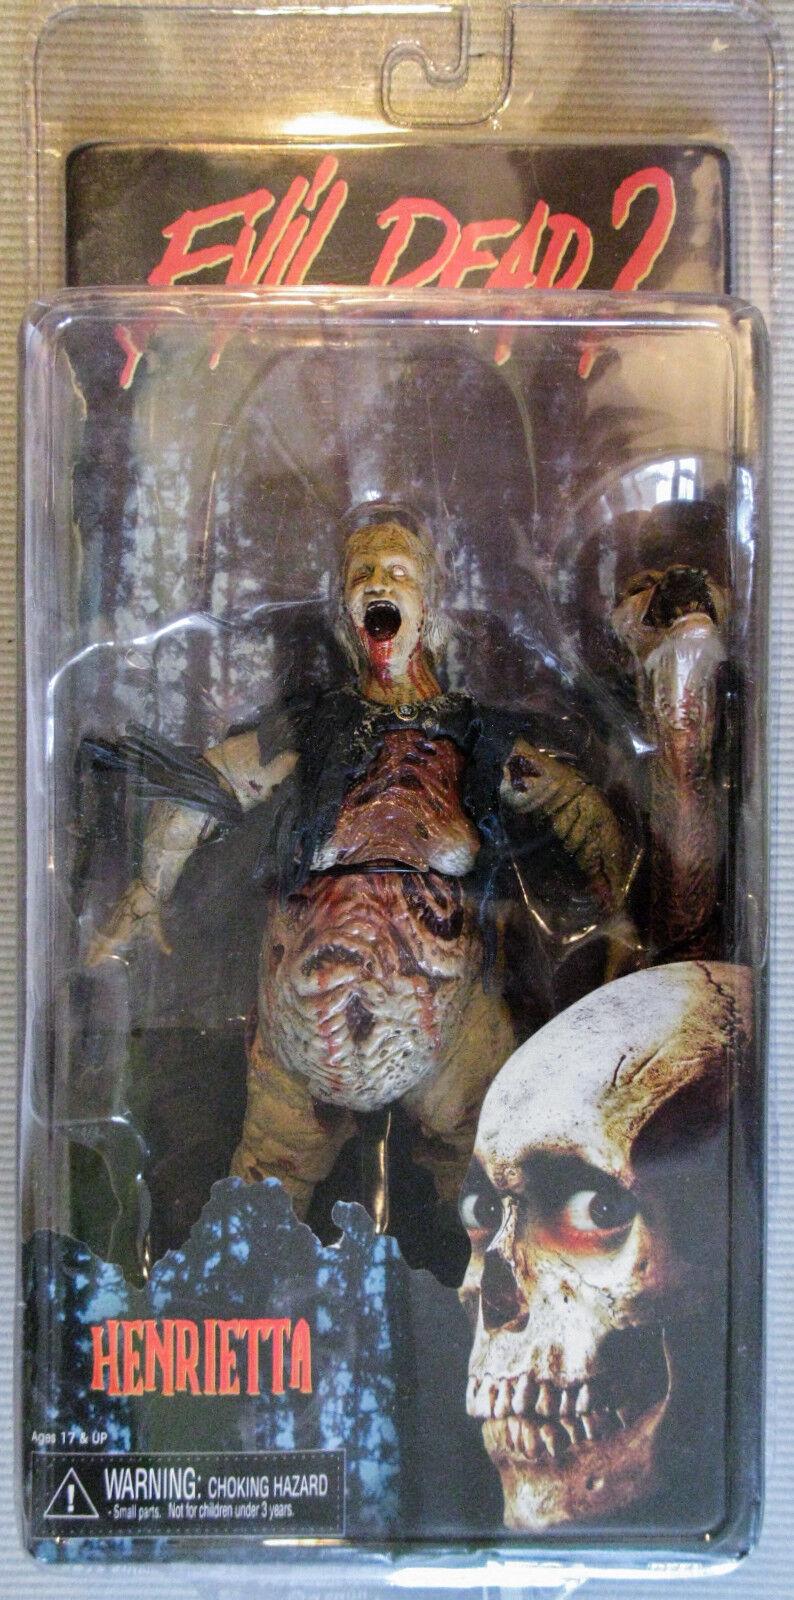 Henrietta - 1st PRESS - Evil Dead 2 7